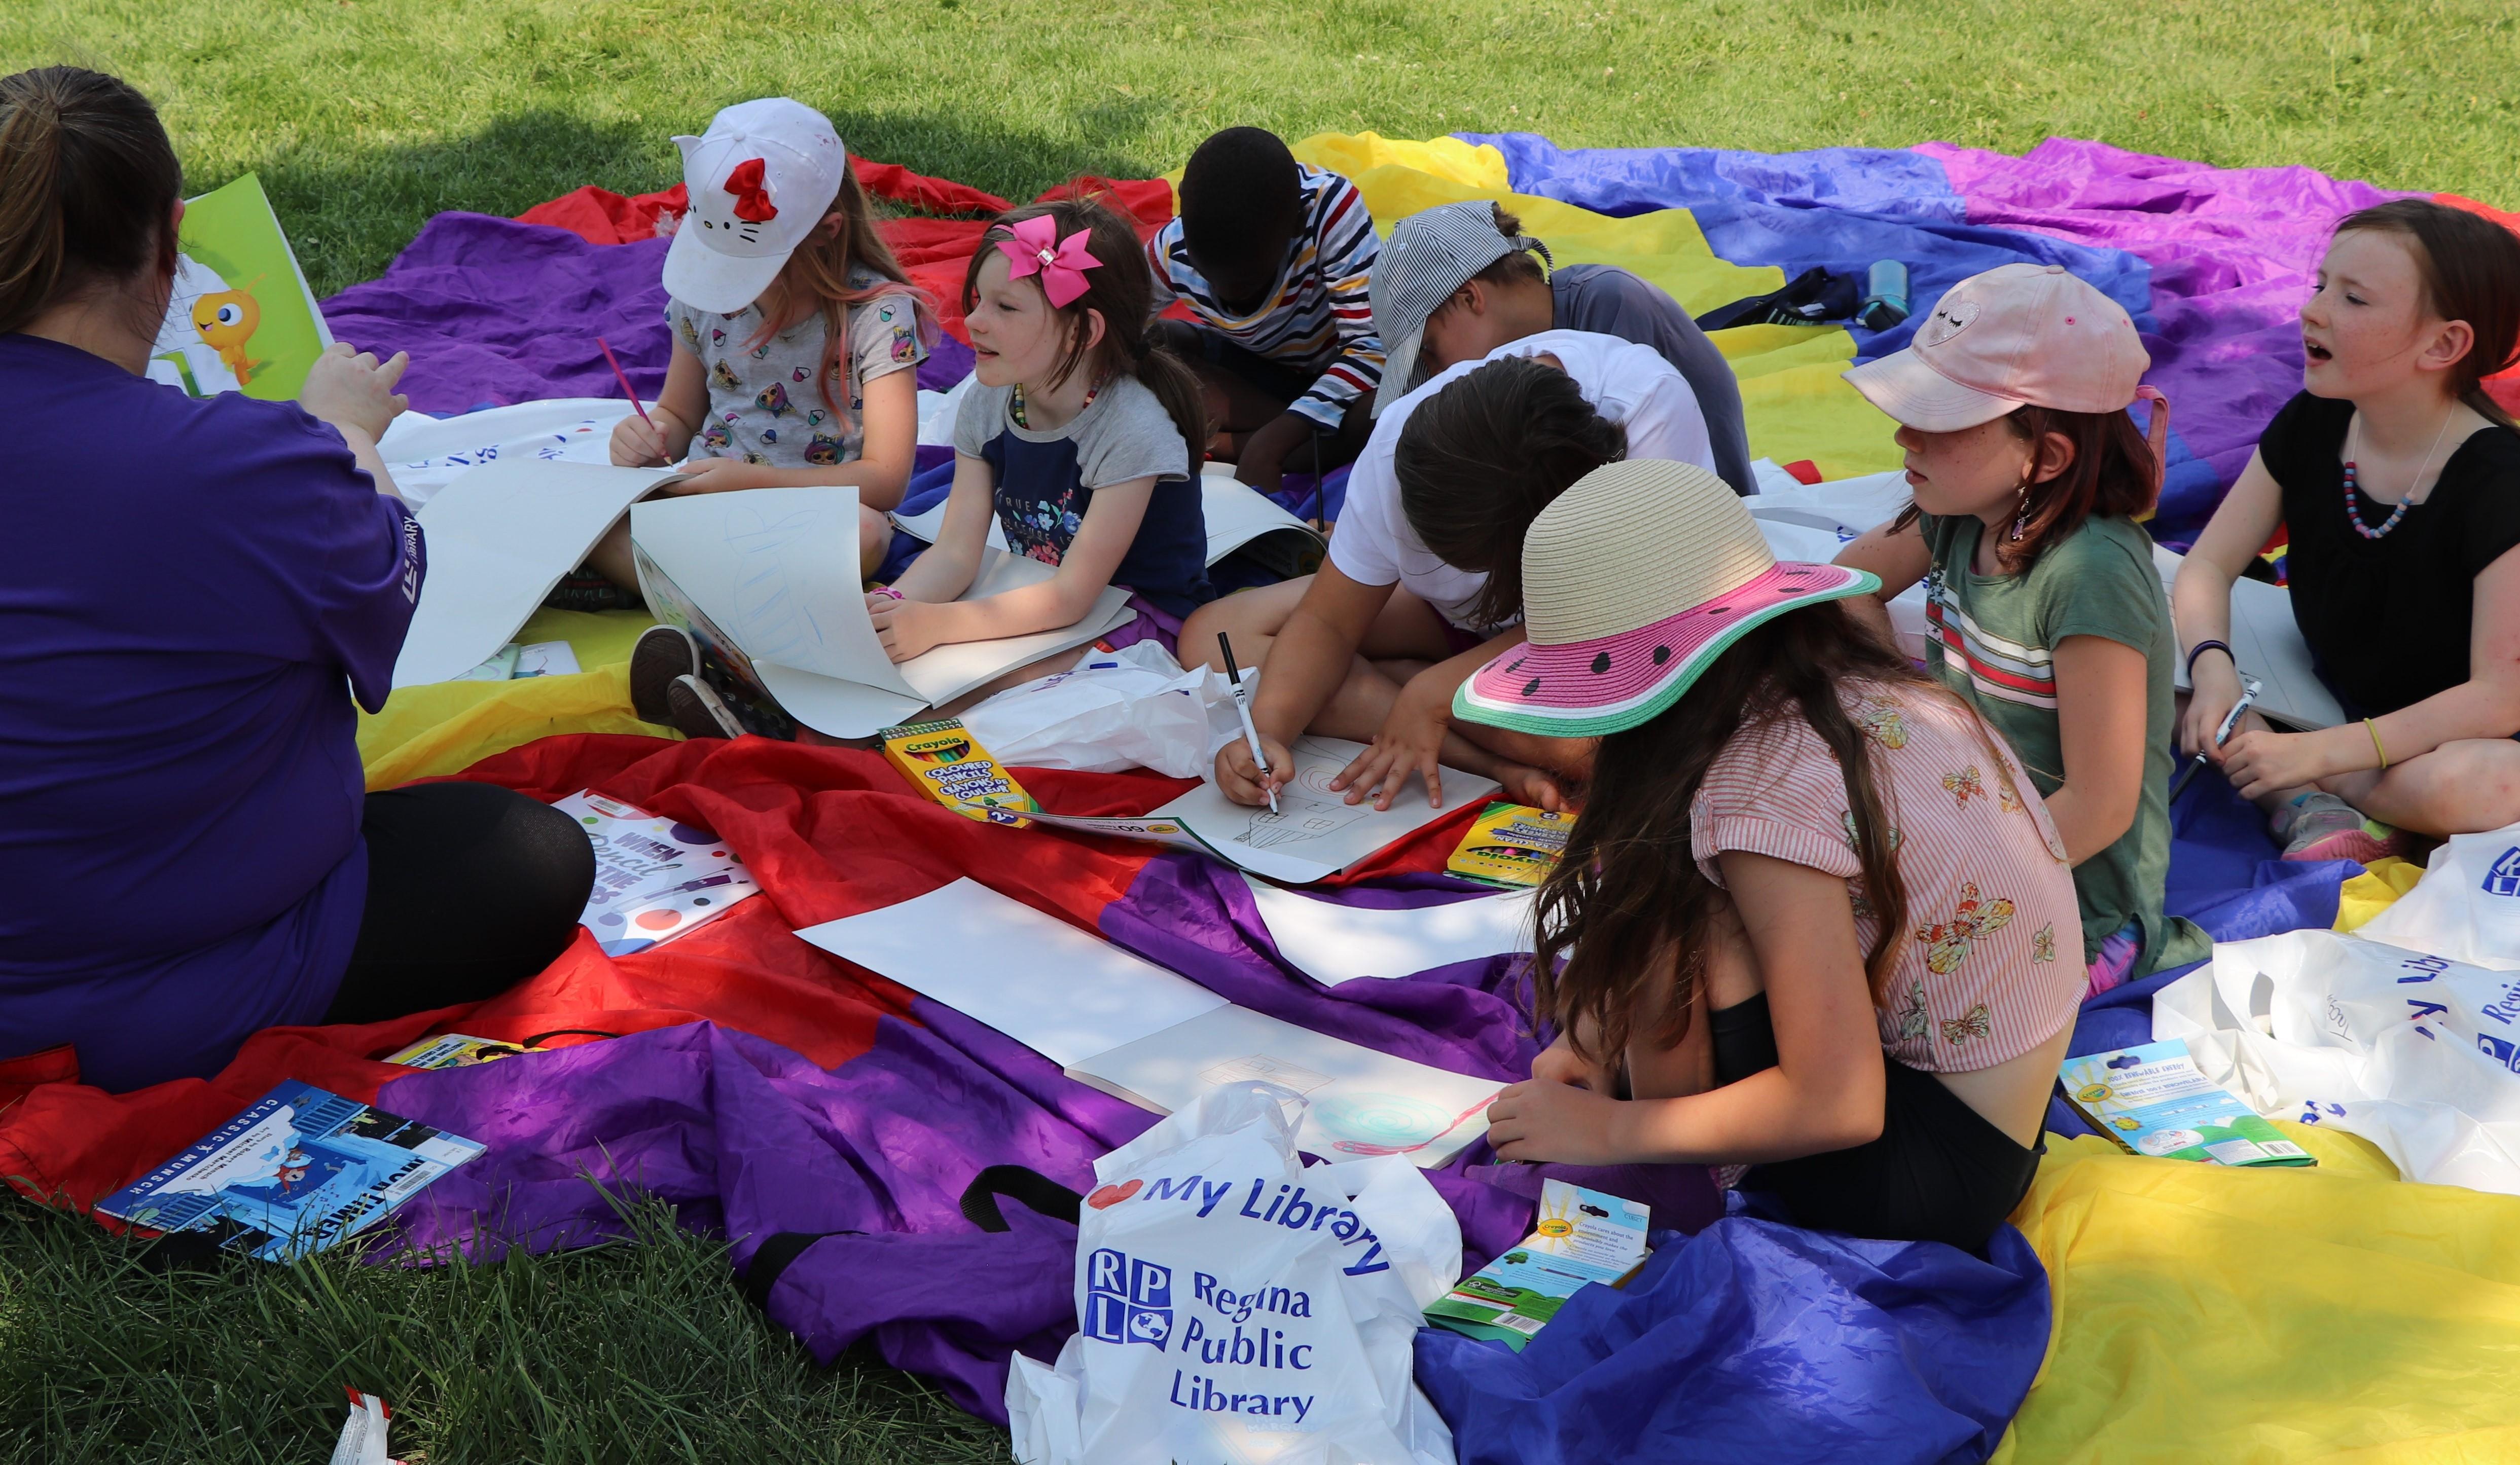 Children enjoying storytime in the park